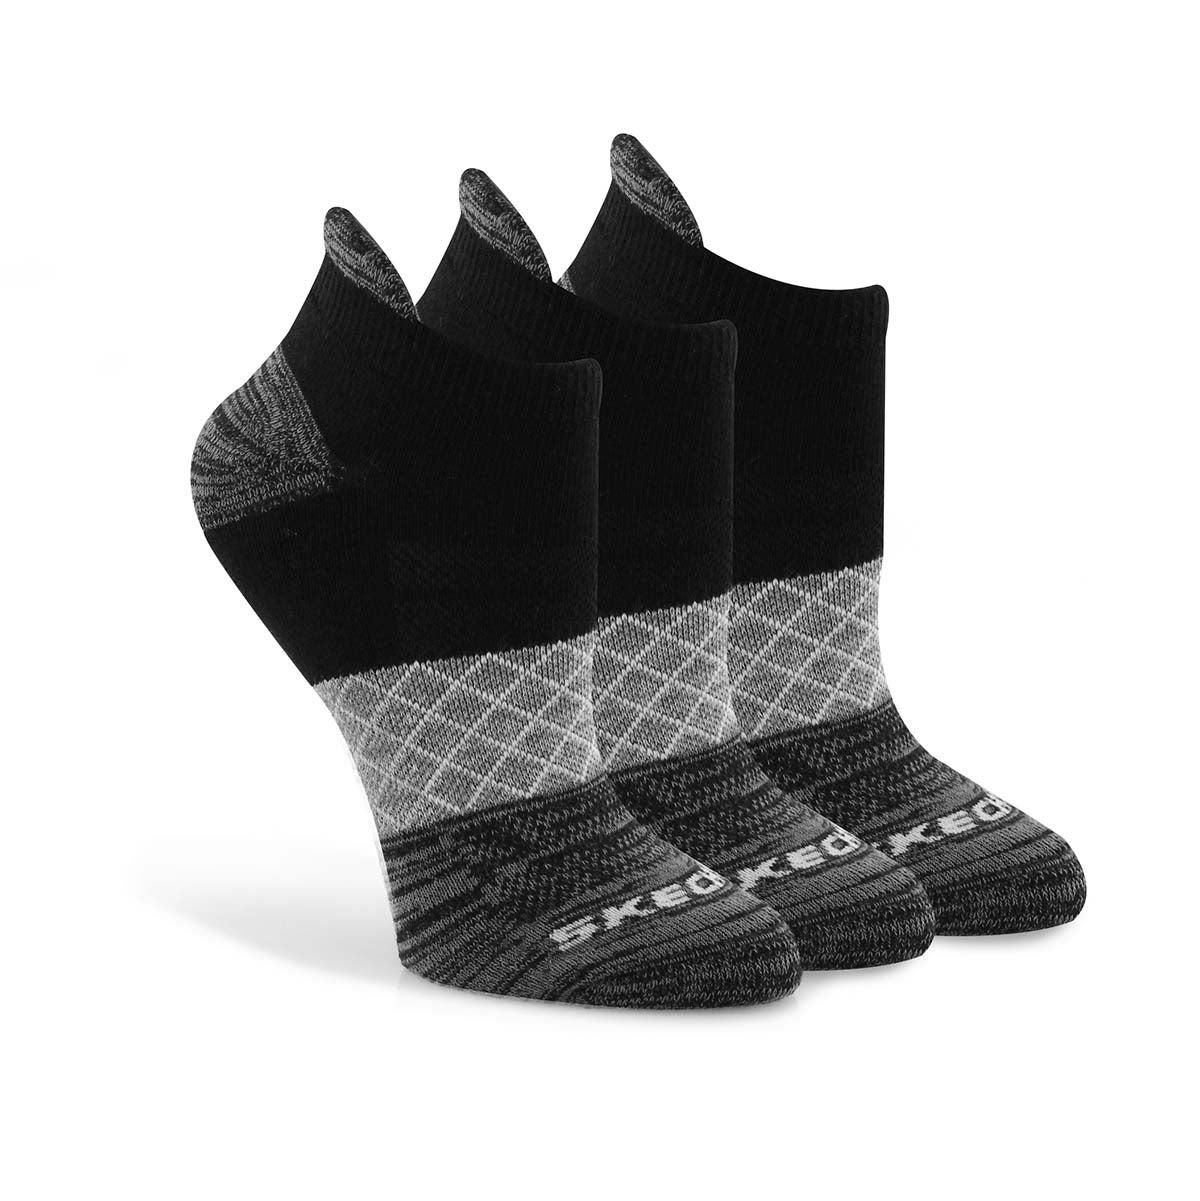 Women's HALF TERRY LOW CUT socks - 3 pk